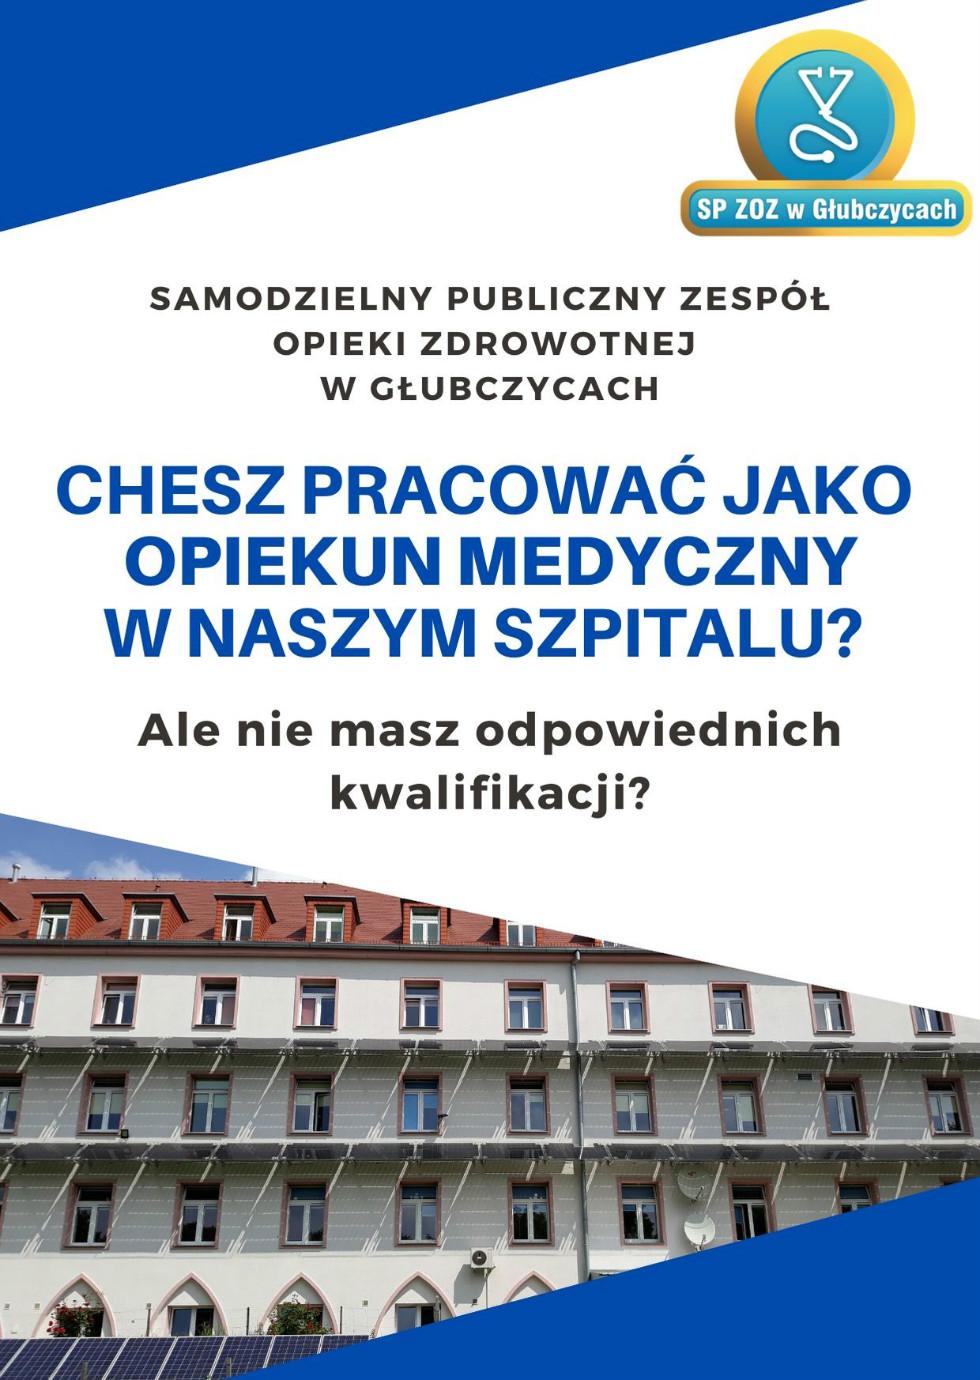 SP ZOZ w Głubczycach zatrudni opiekunów medycznych